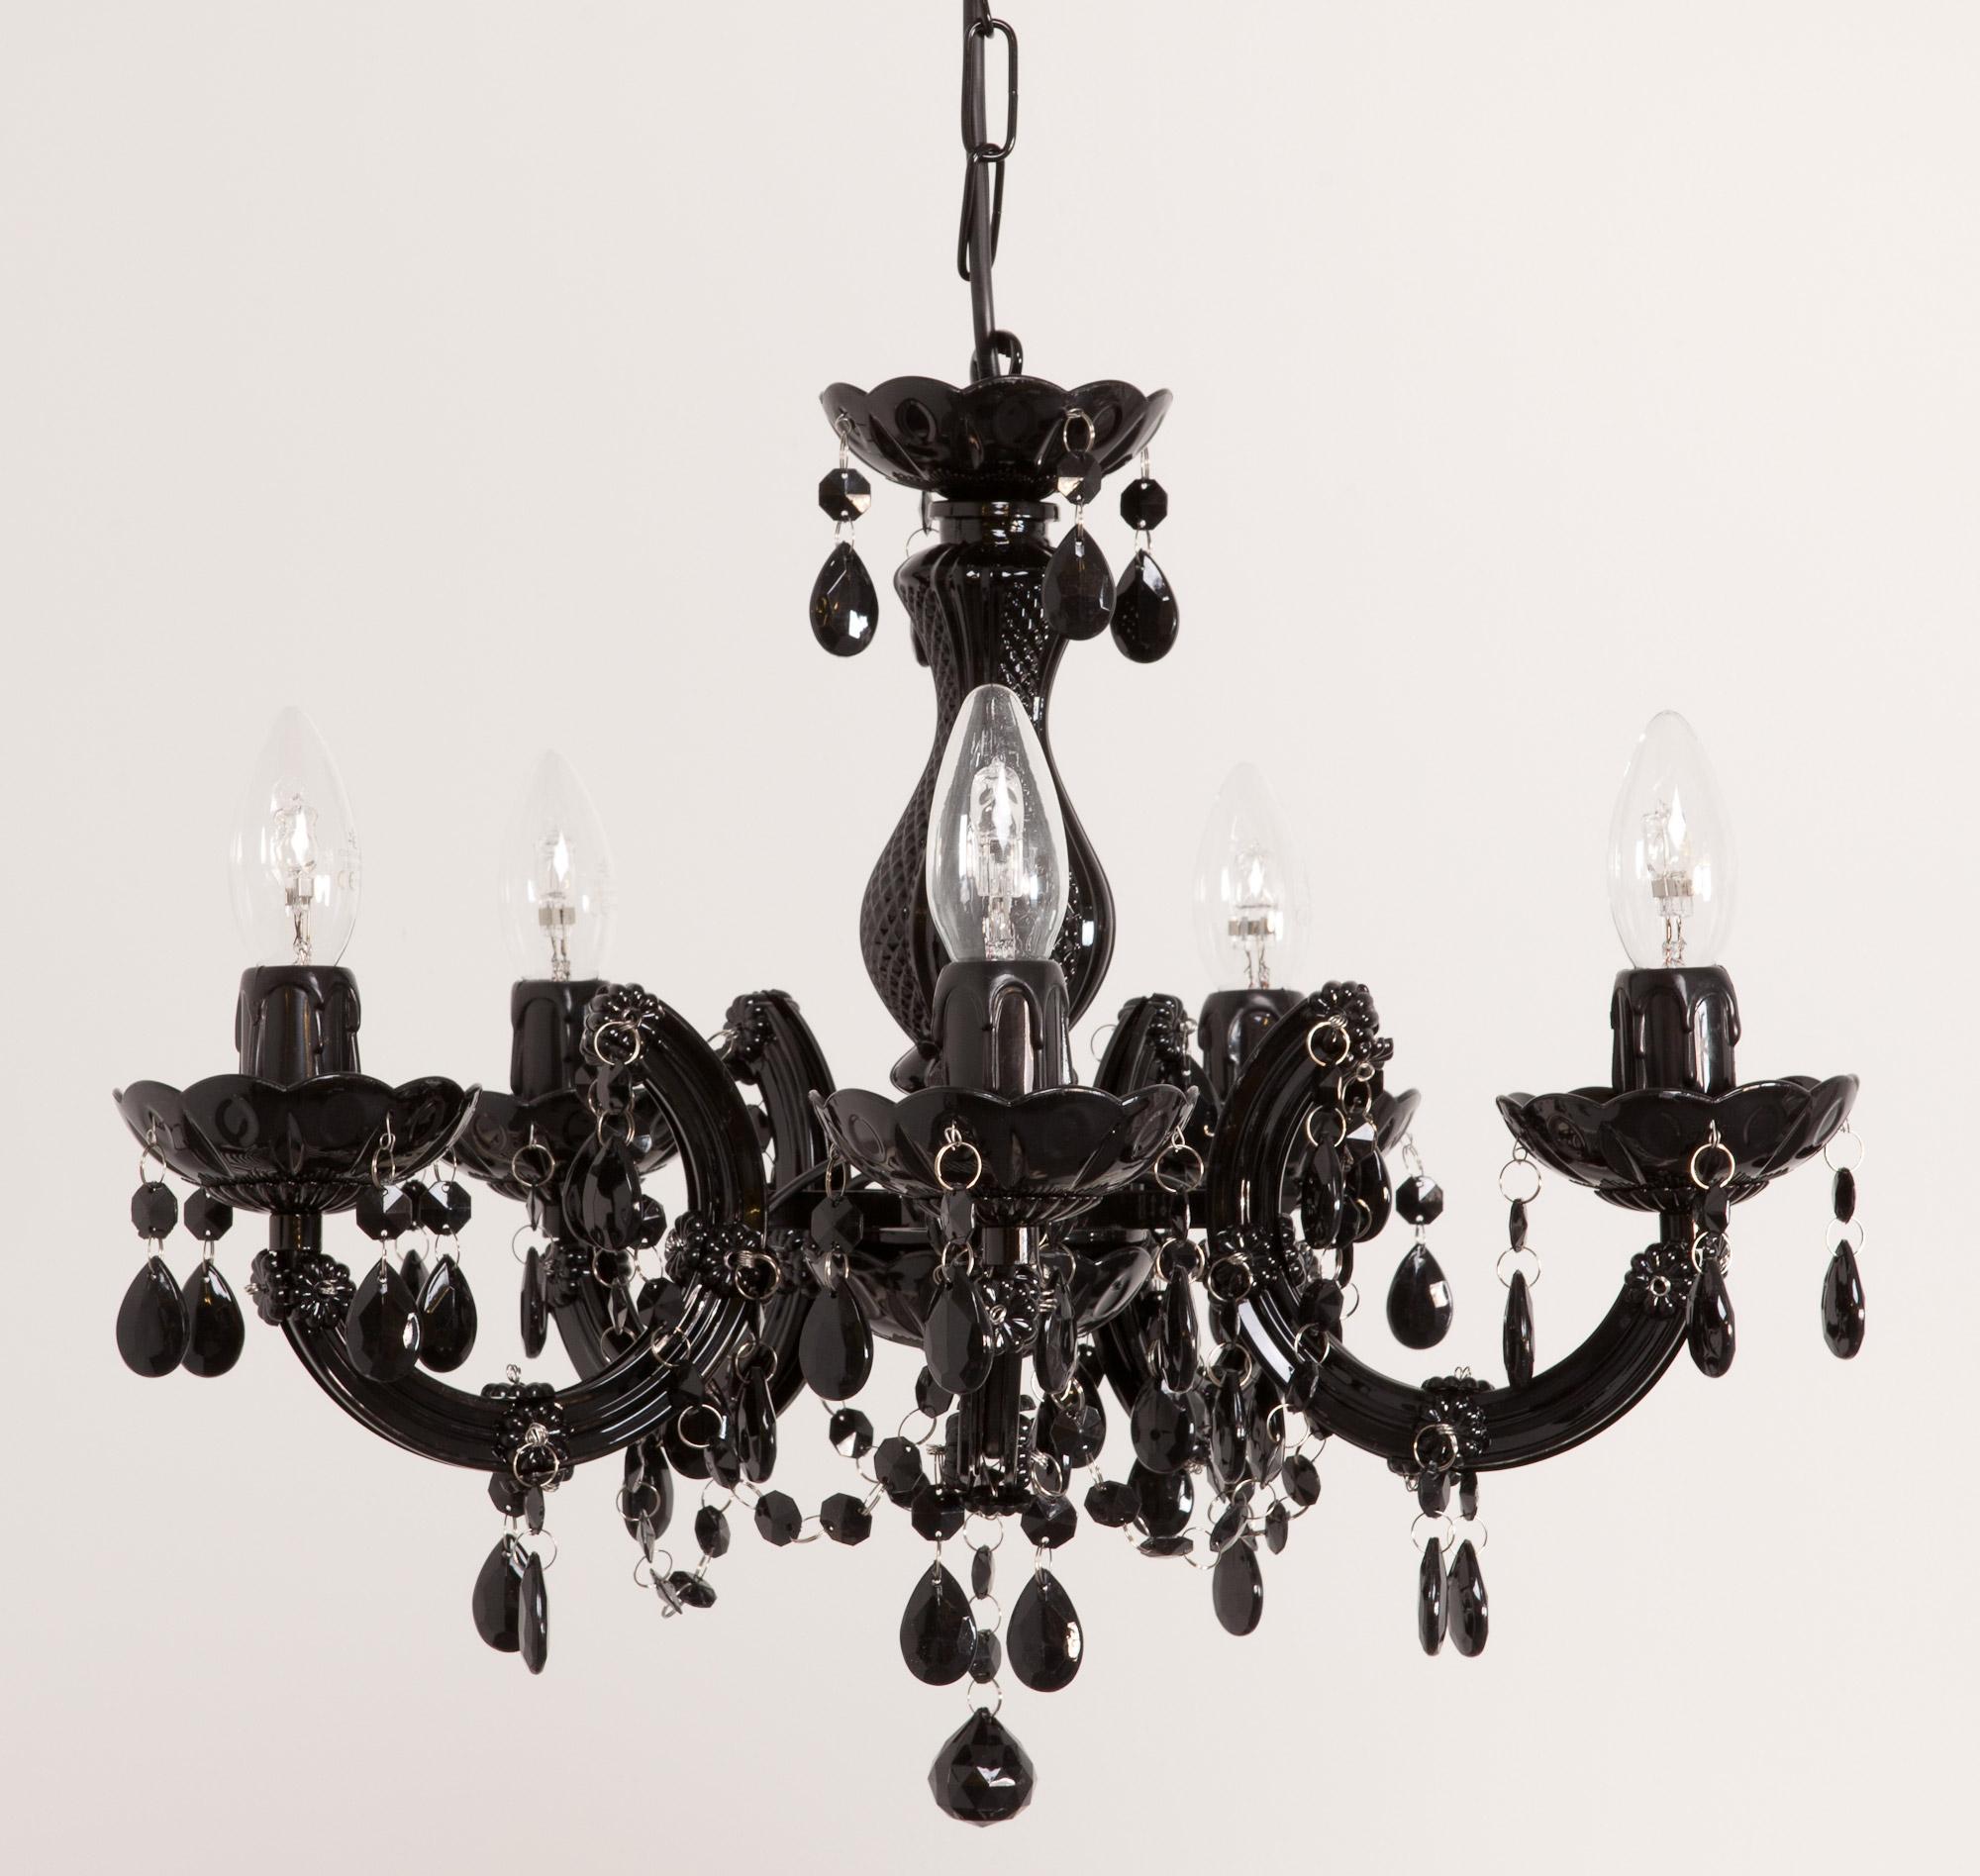 lustre baroque soldes id e de luminaire et lampe maison. Black Bedroom Furniture Sets. Home Design Ideas